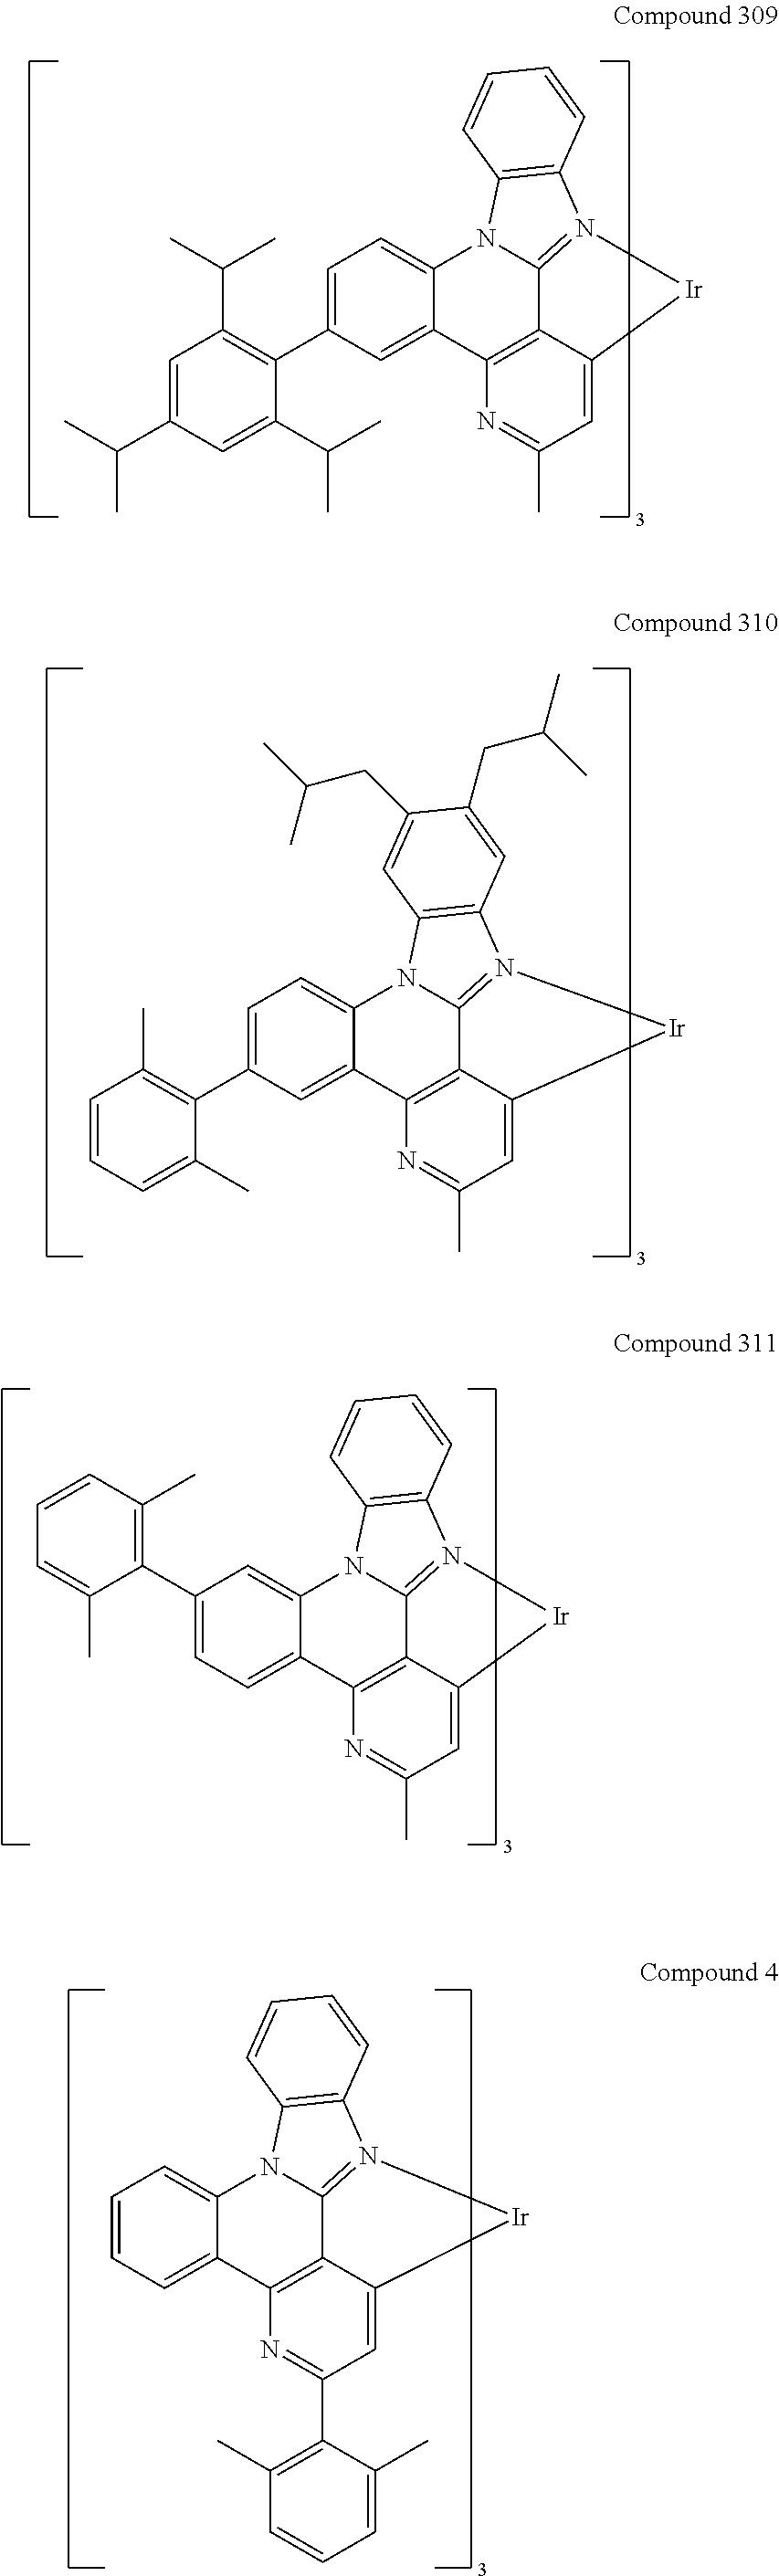 Figure US09905785-20180227-C00613